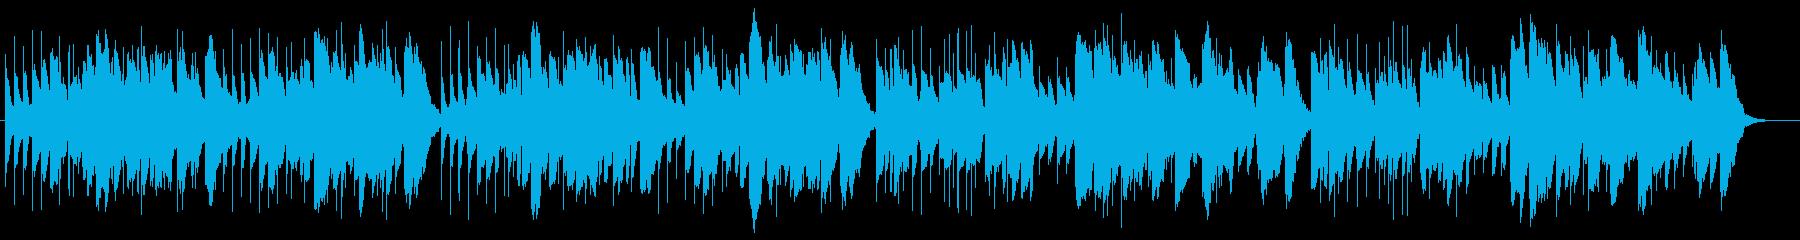 切なくゆったりとしたオルゴール曲の再生済みの波形